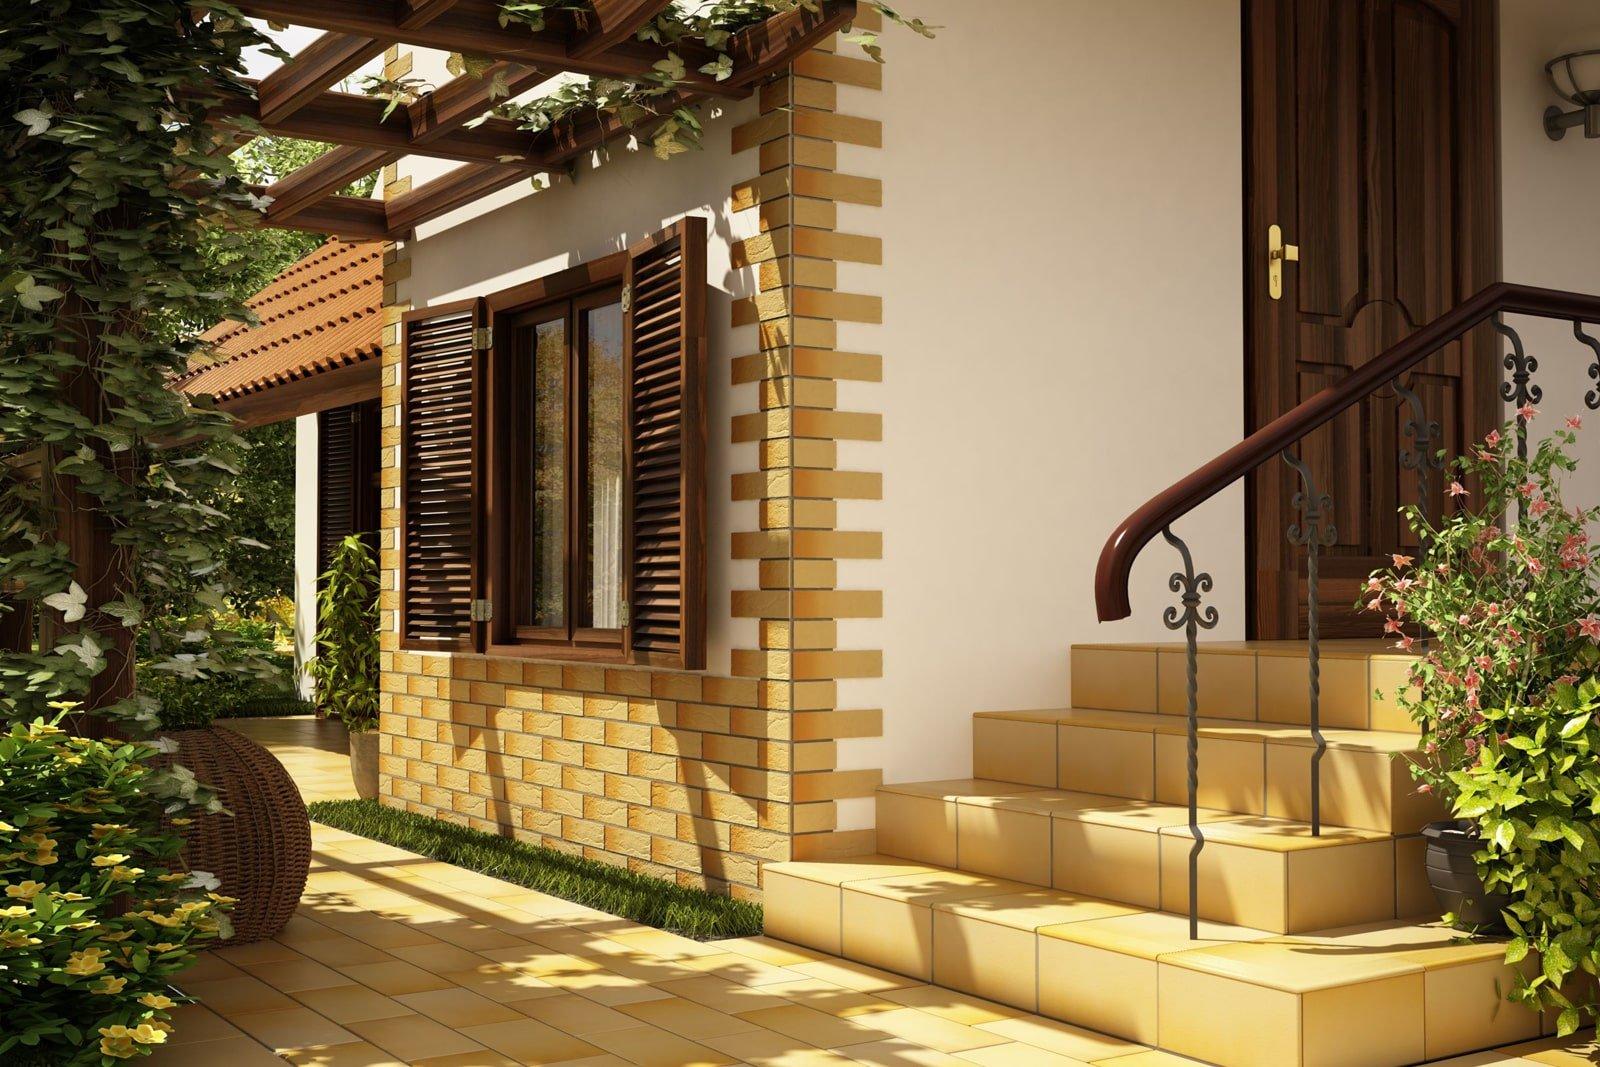 риск крыльцо с балконом для частного дома фото фантазии вполне обычные